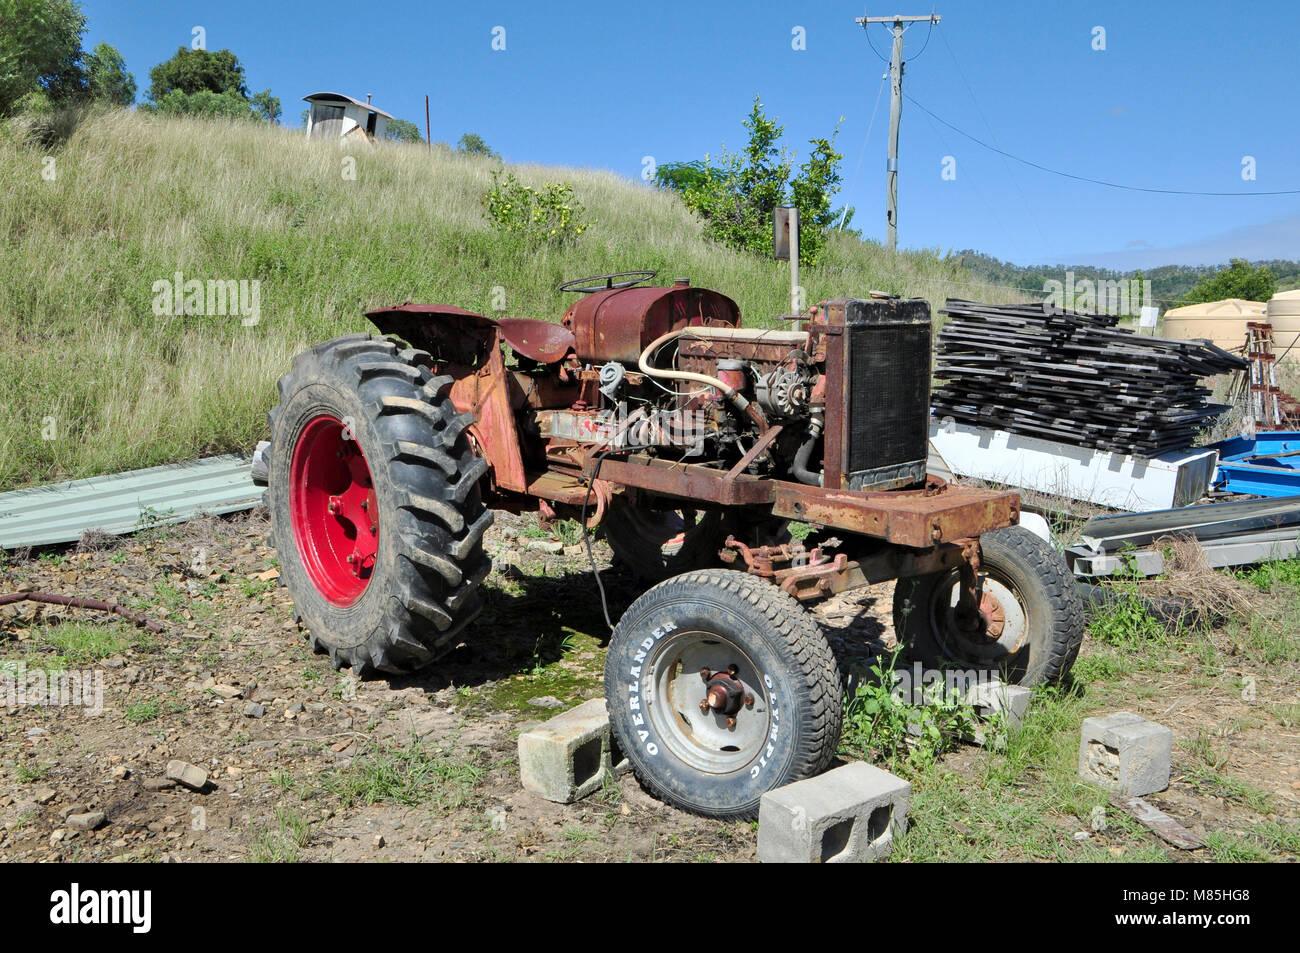 Eine alte DAVID BROWN 950 Traktor nach GEFLICKT haben viele EINE ZEIT HAT ENDLICH wurde beigesetzt Stockfoto